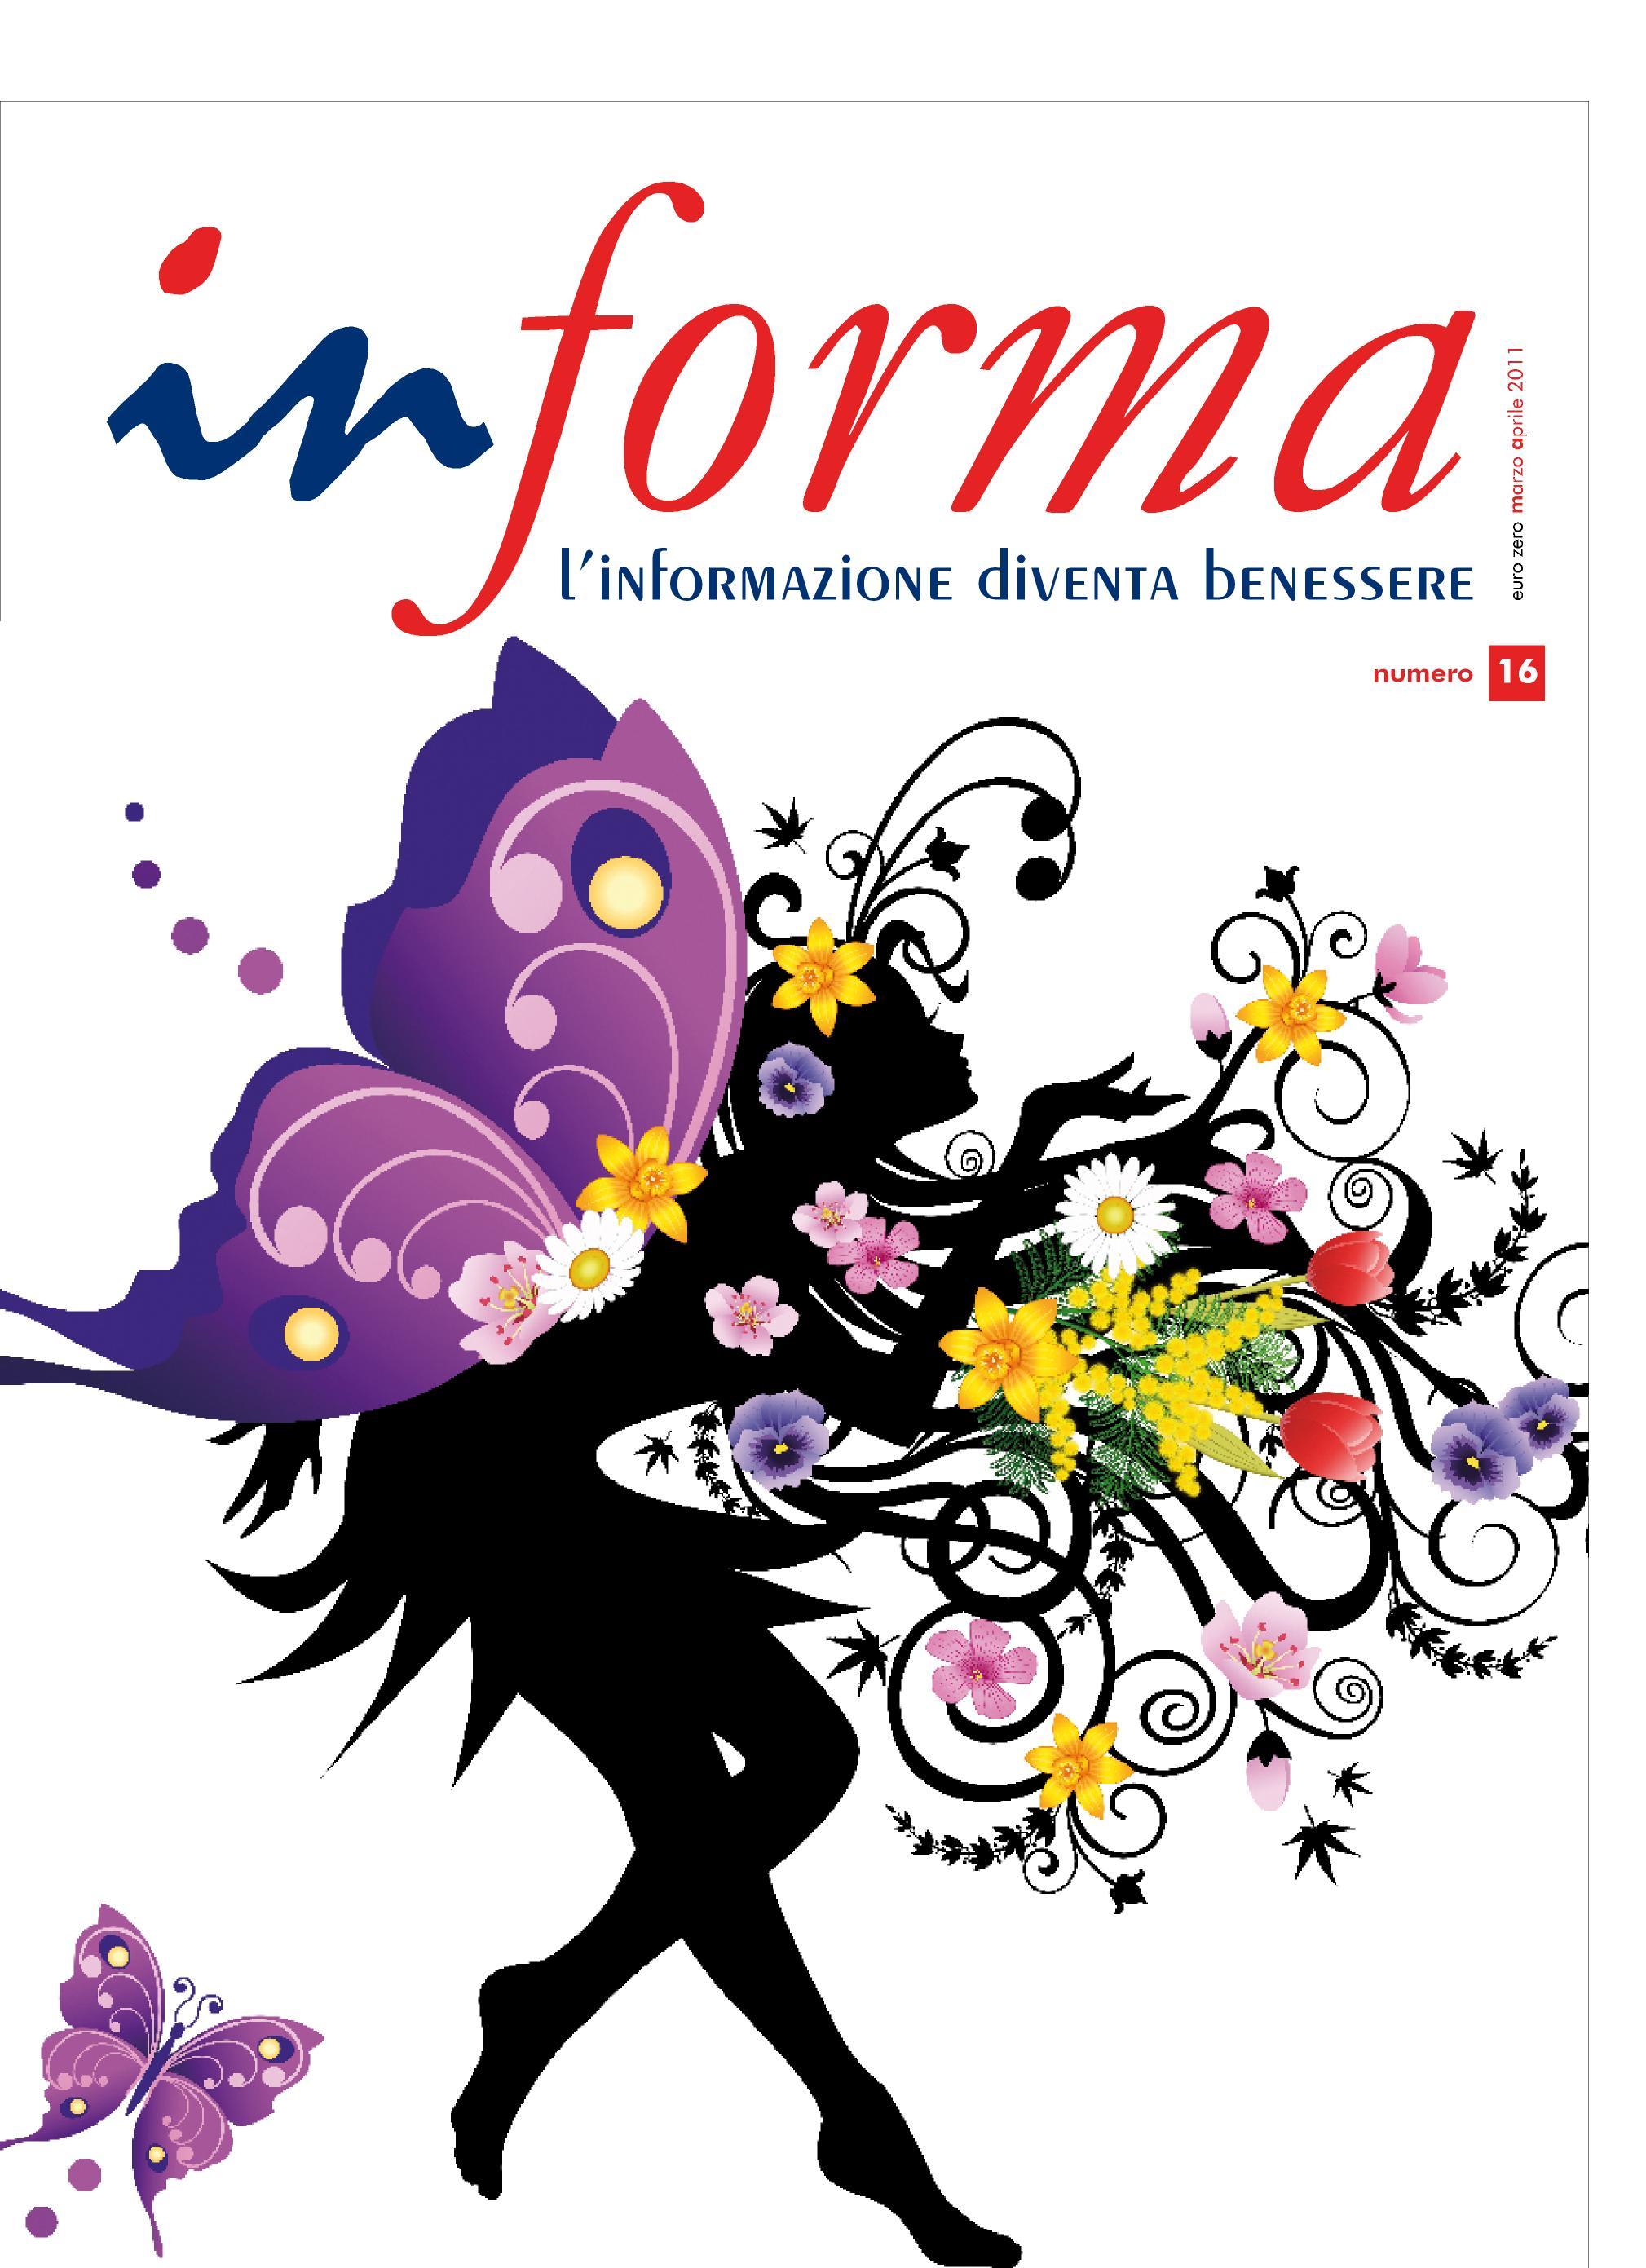 La copertina rappresenta una fata stilizzata con un corpo nero e le ali viola che soffia una polvere di stelle